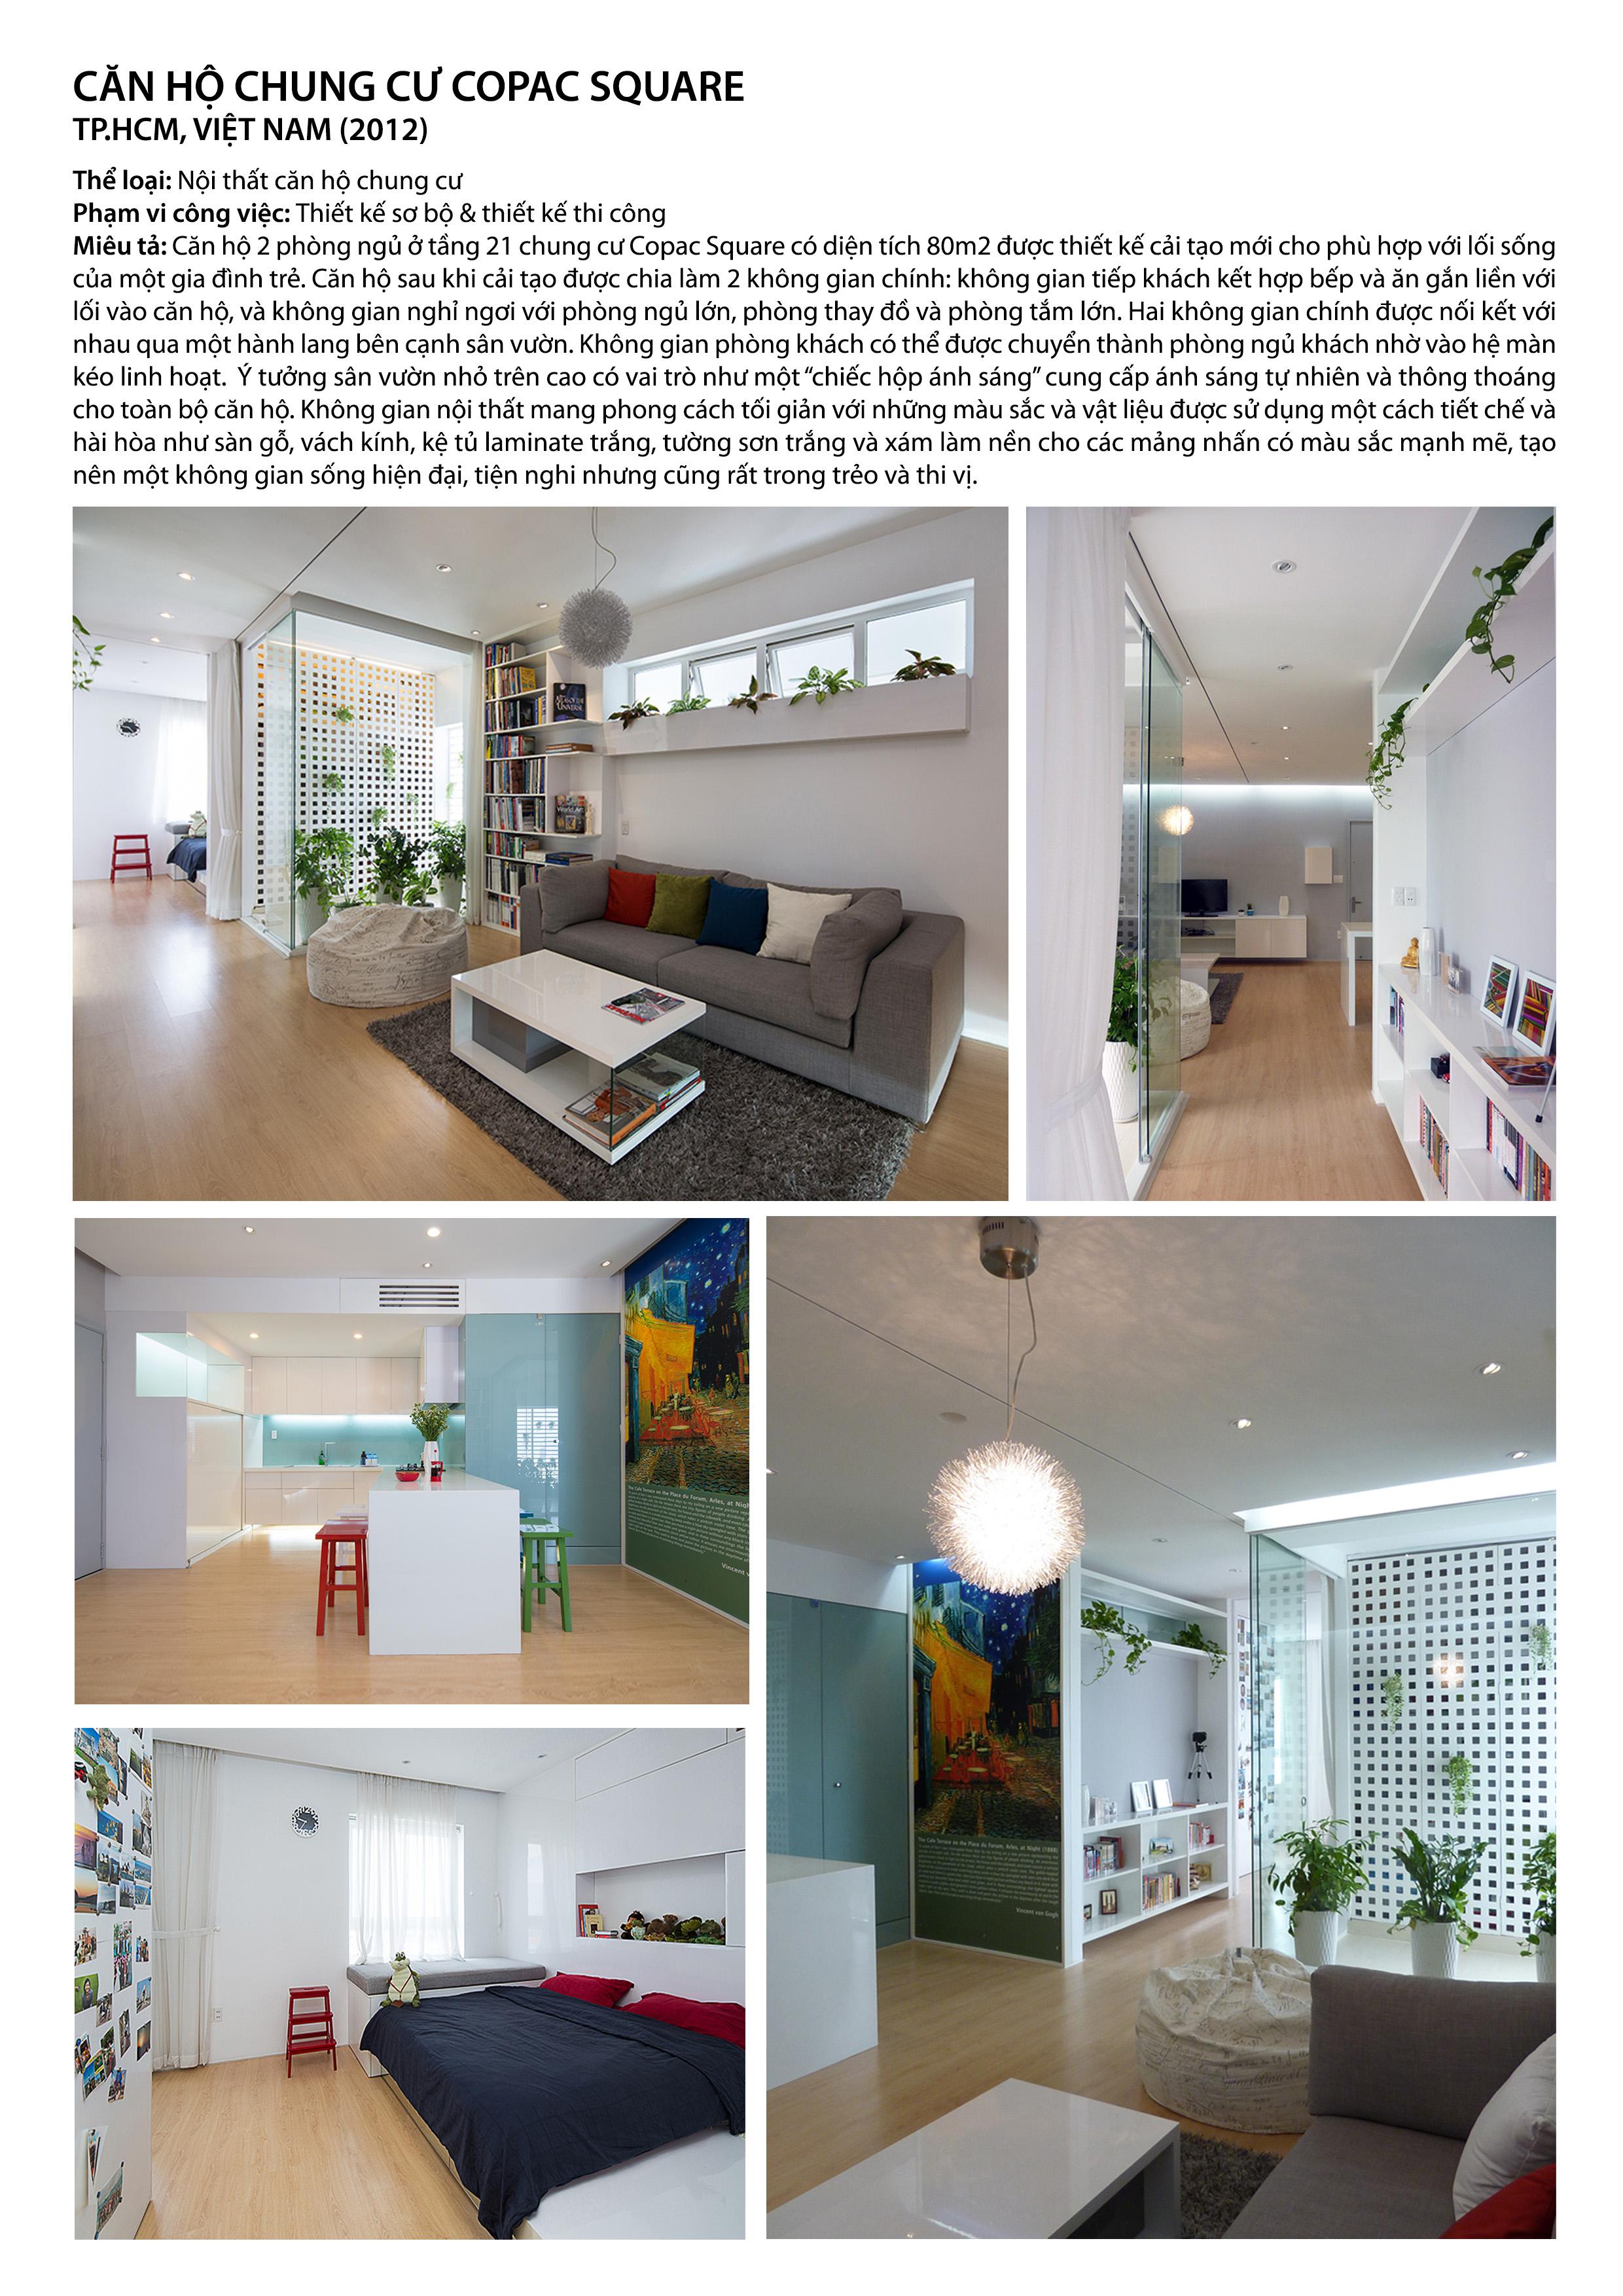 P+P  - Copac Square Apartment 2012.jpg